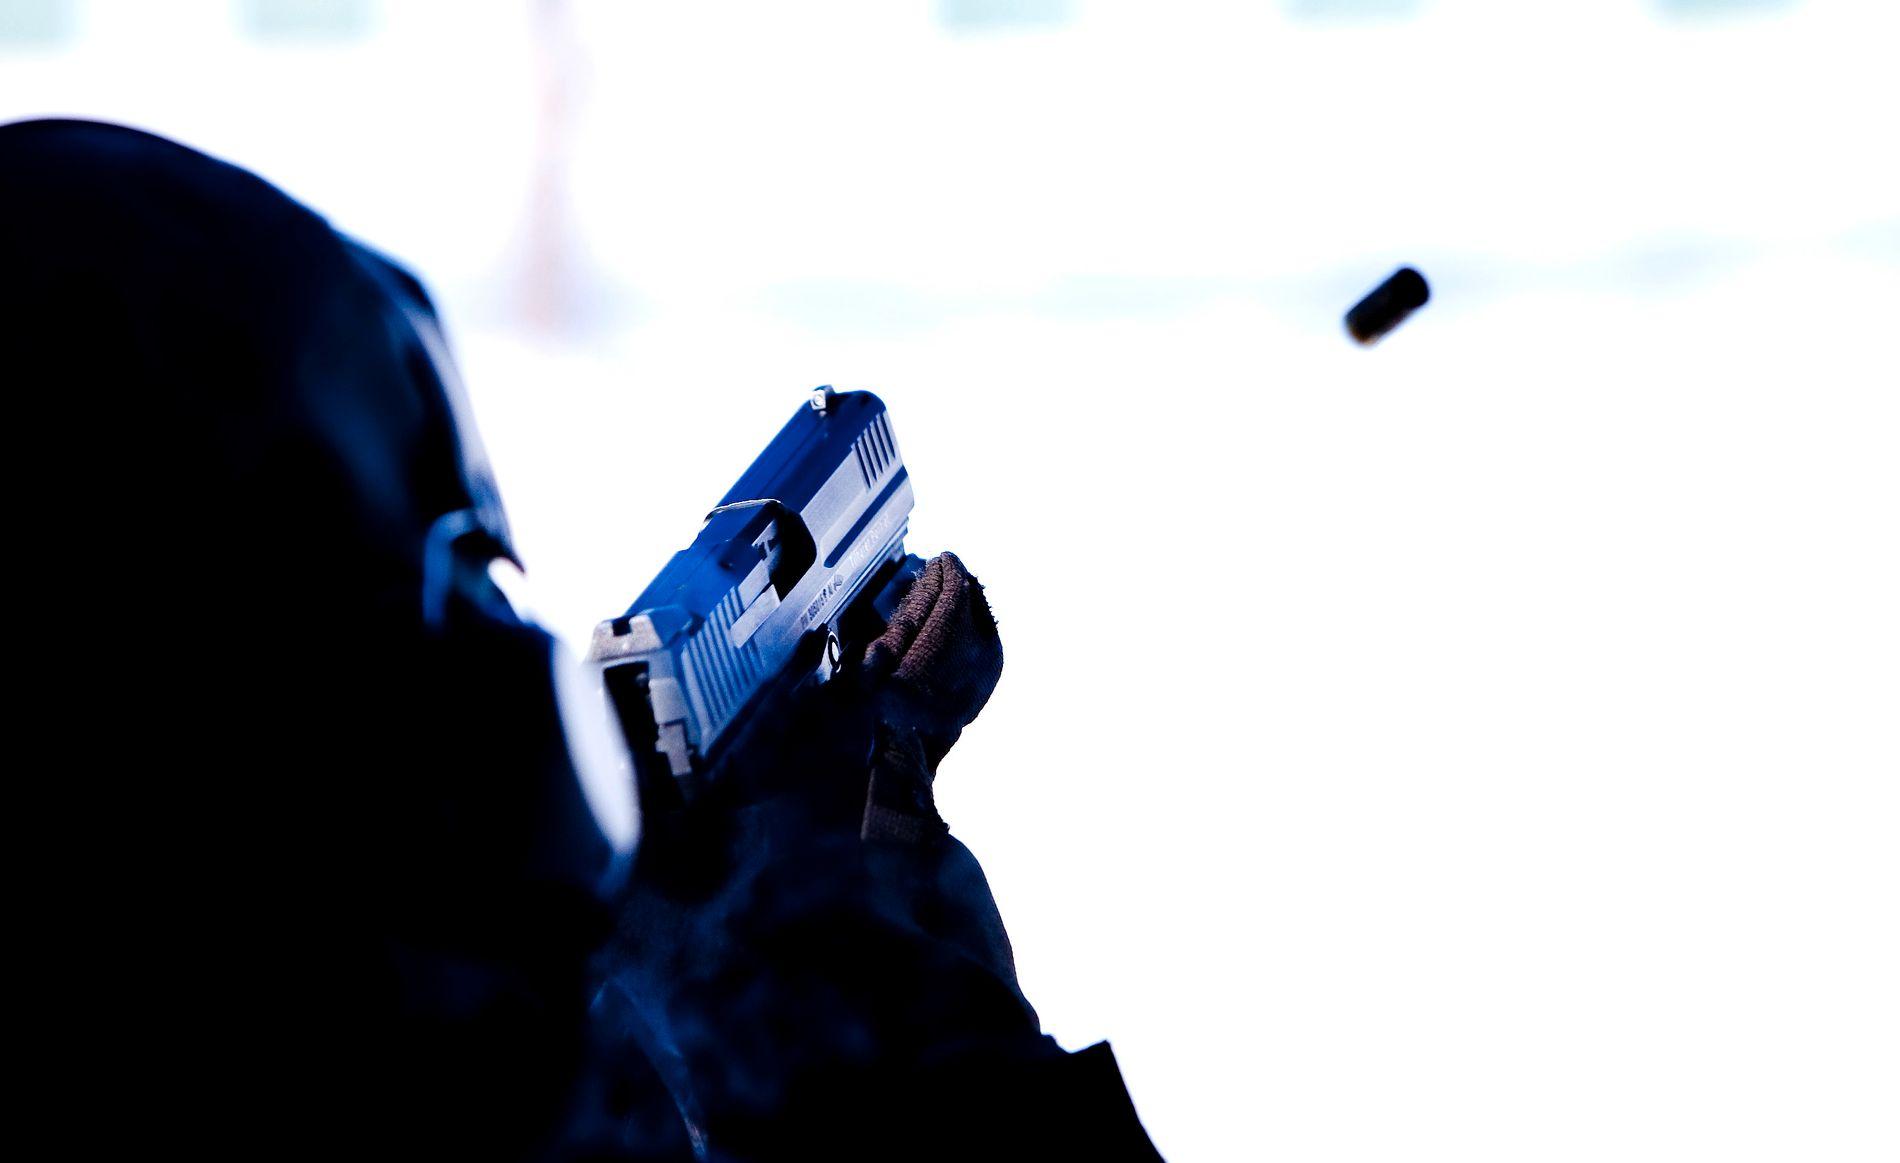 VÅDESKUDD: En politistudent avfyrte et vådeskudd på trening i Stavern i april. Bildet viser pistoltrening på Politihøgskolen i Kongsvinger.